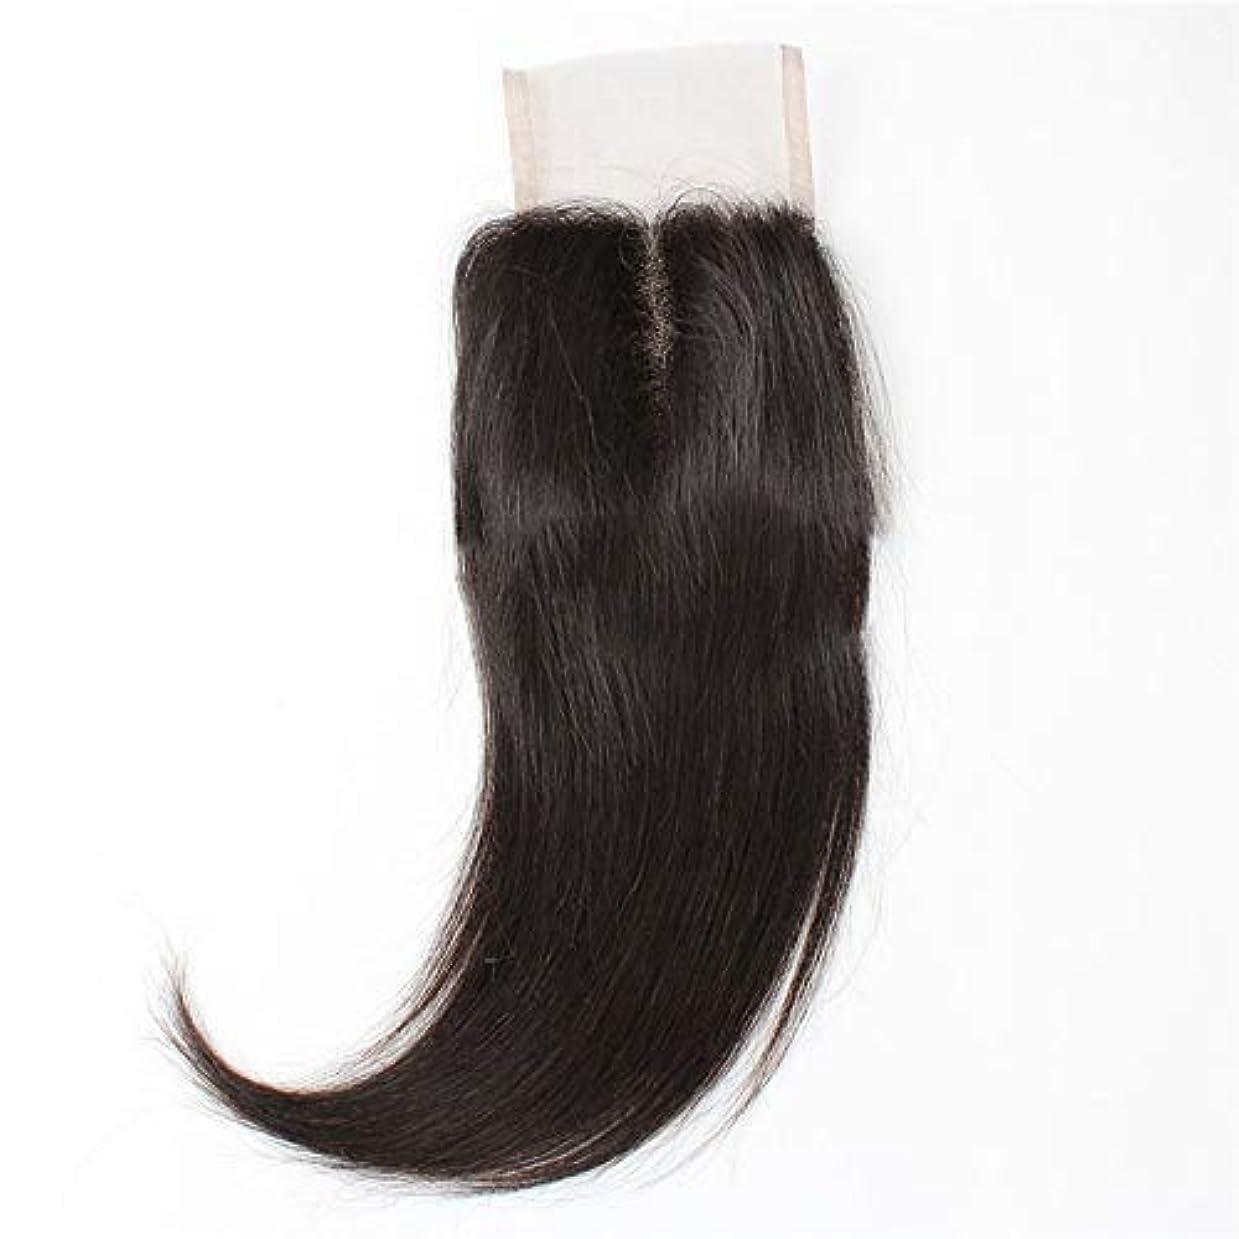 限界懐運命WASAIO ブラジルの髪の総レースの正面閉鎖原油人間シルキーストレート拡張バンドル中部ナチュラルブラック (色 : 黒, サイズ : 10 inch)